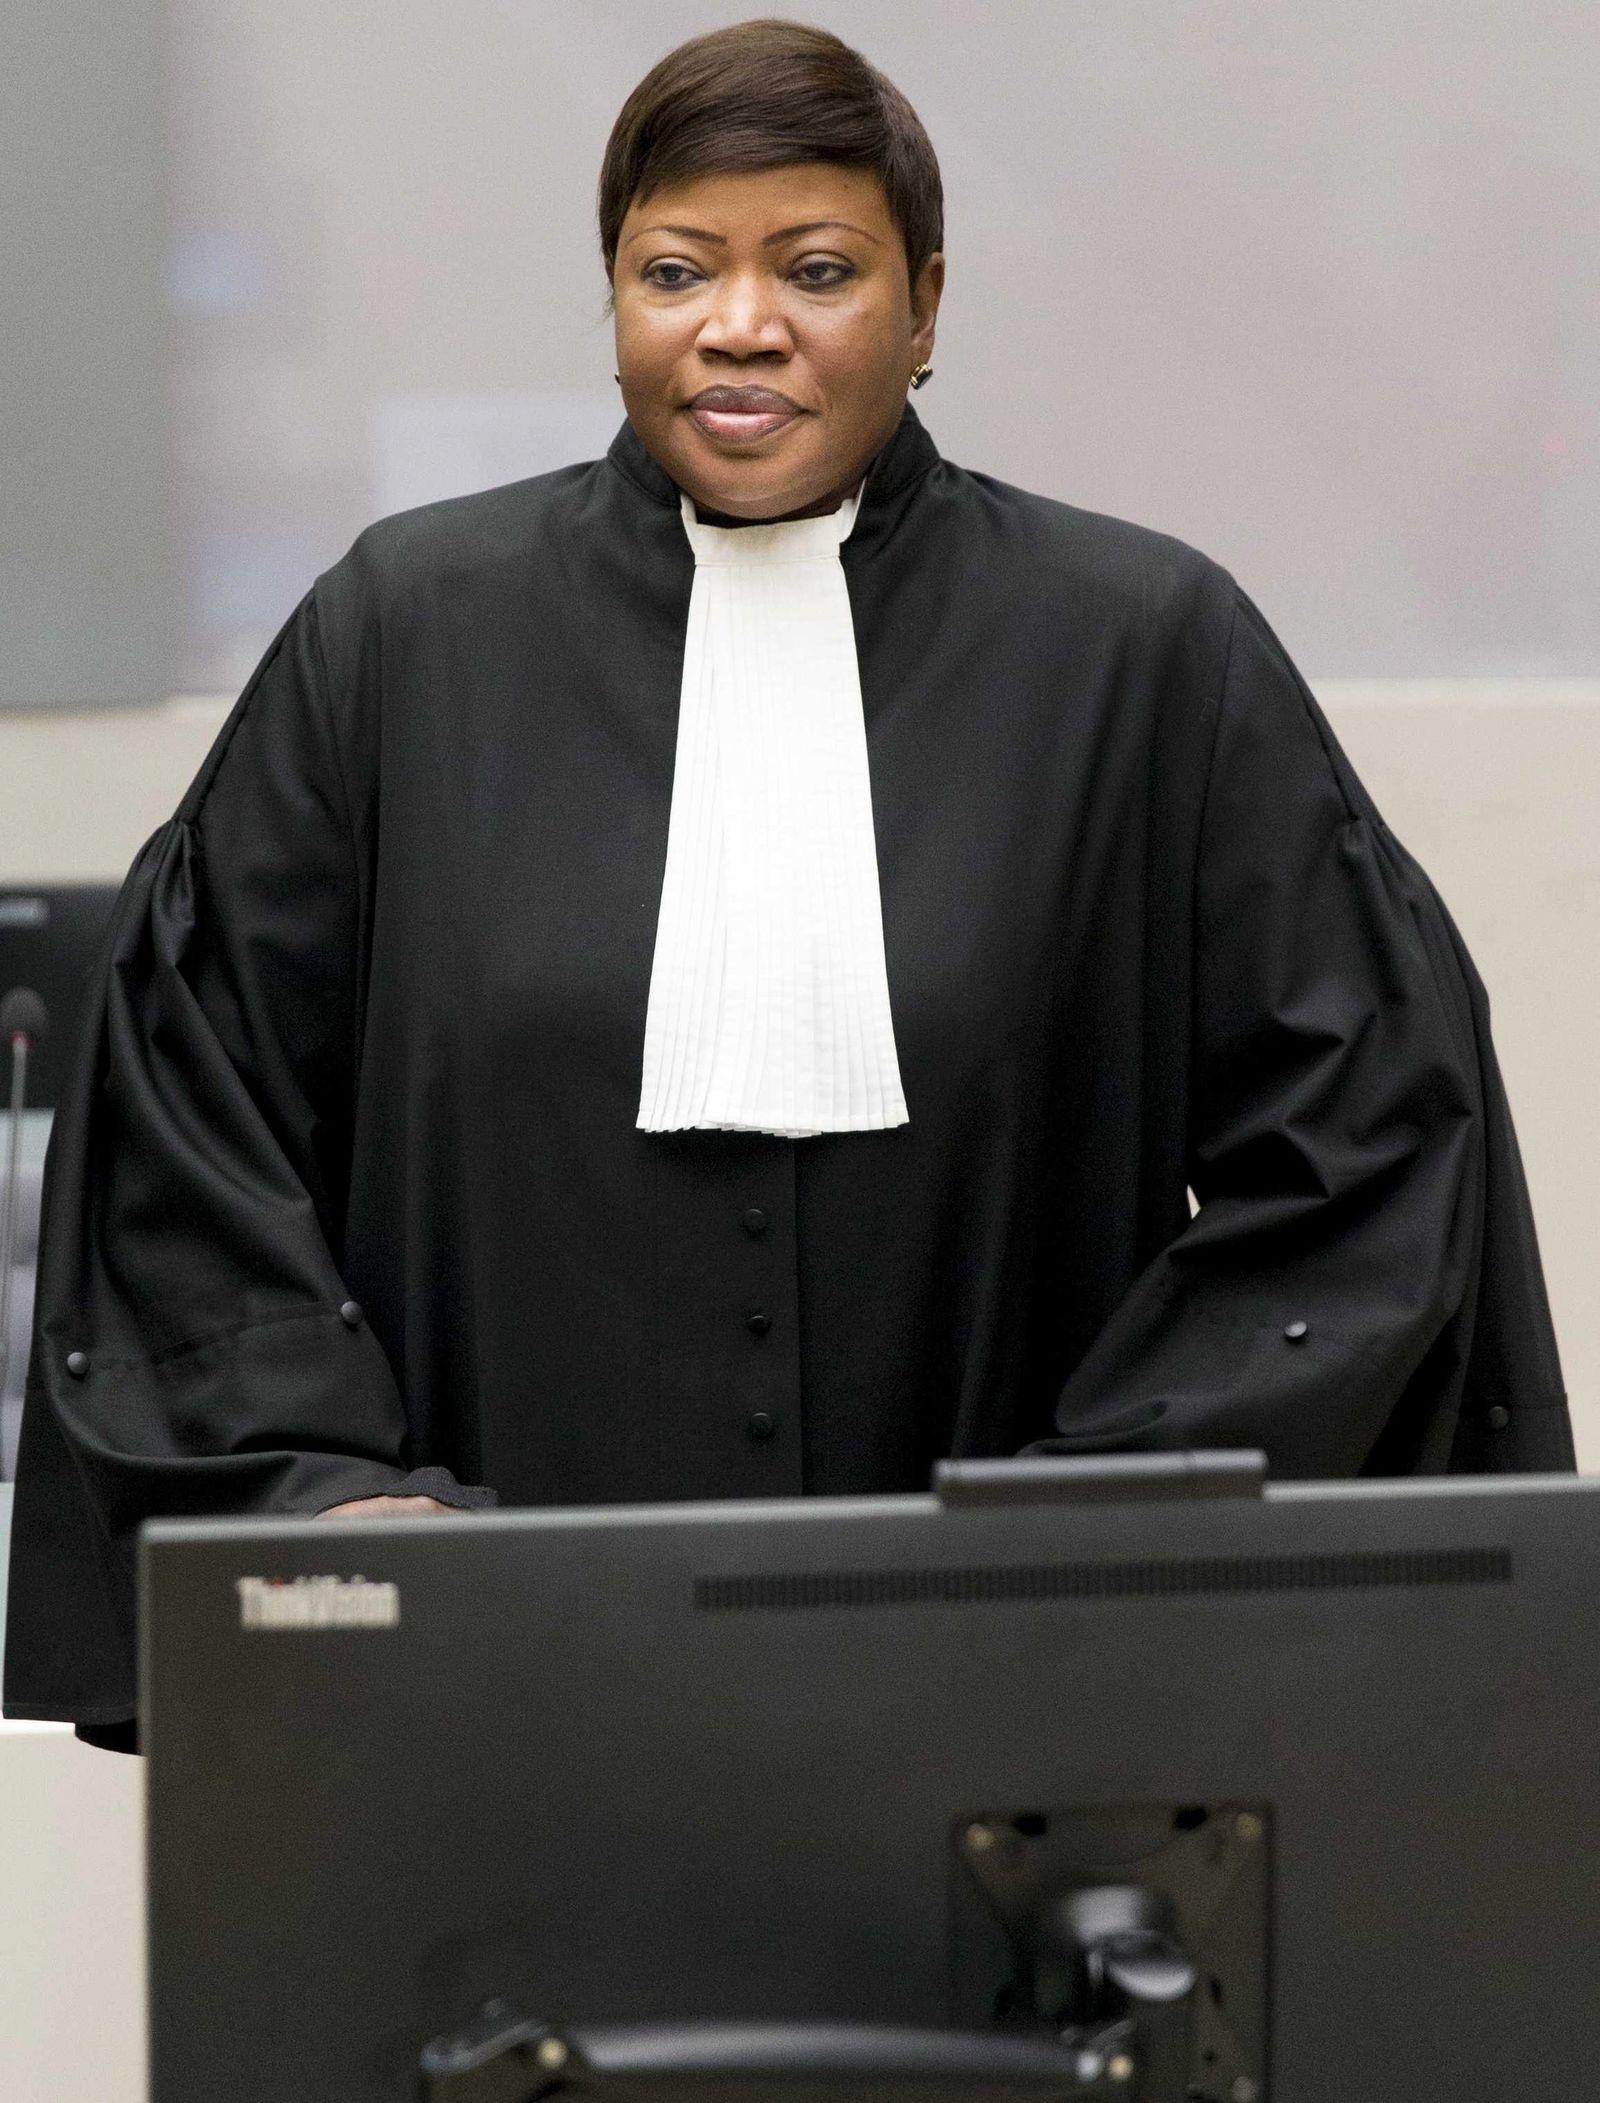 Den Haag / ICC / IStGH / Internationaler Strafgerichtshof / Fatou Bensouda